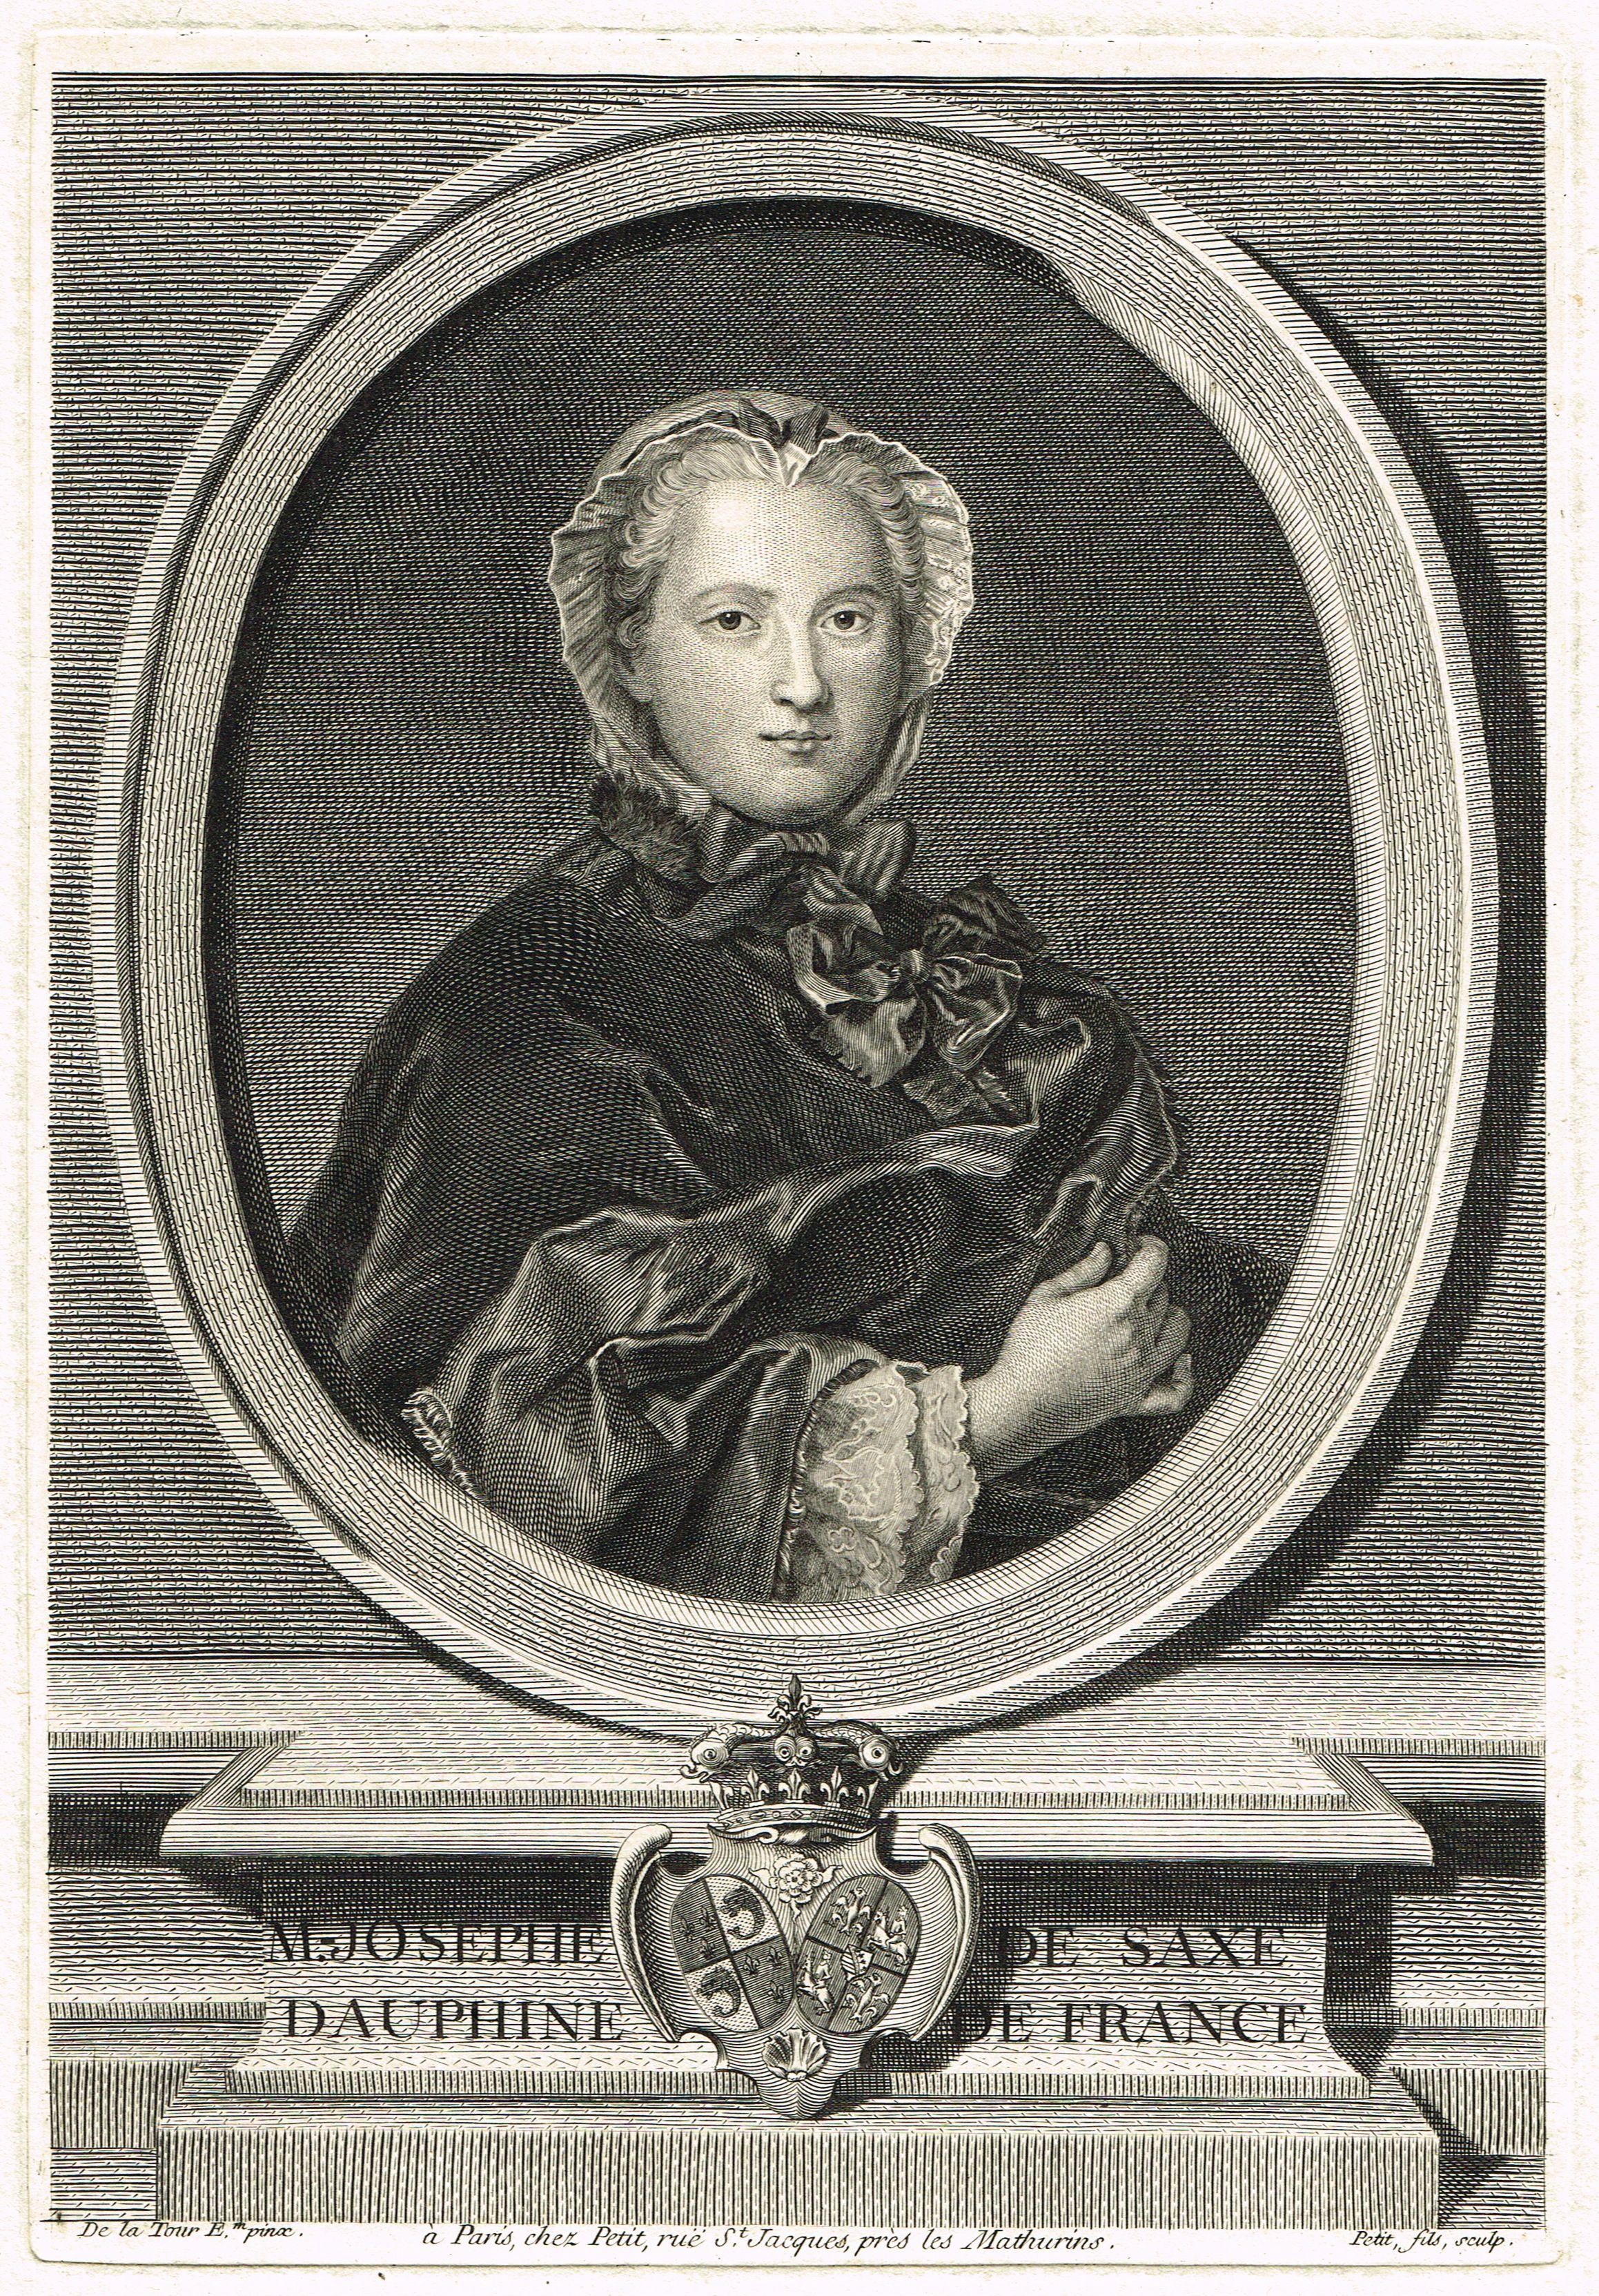 Marie-Josèphe de Saxe (1731-1767) - épouse de Louis Ferdinand de France - mère de Louis XVI, Louis XVIII et Charles X - gravé par Petit d'après de la Tour.